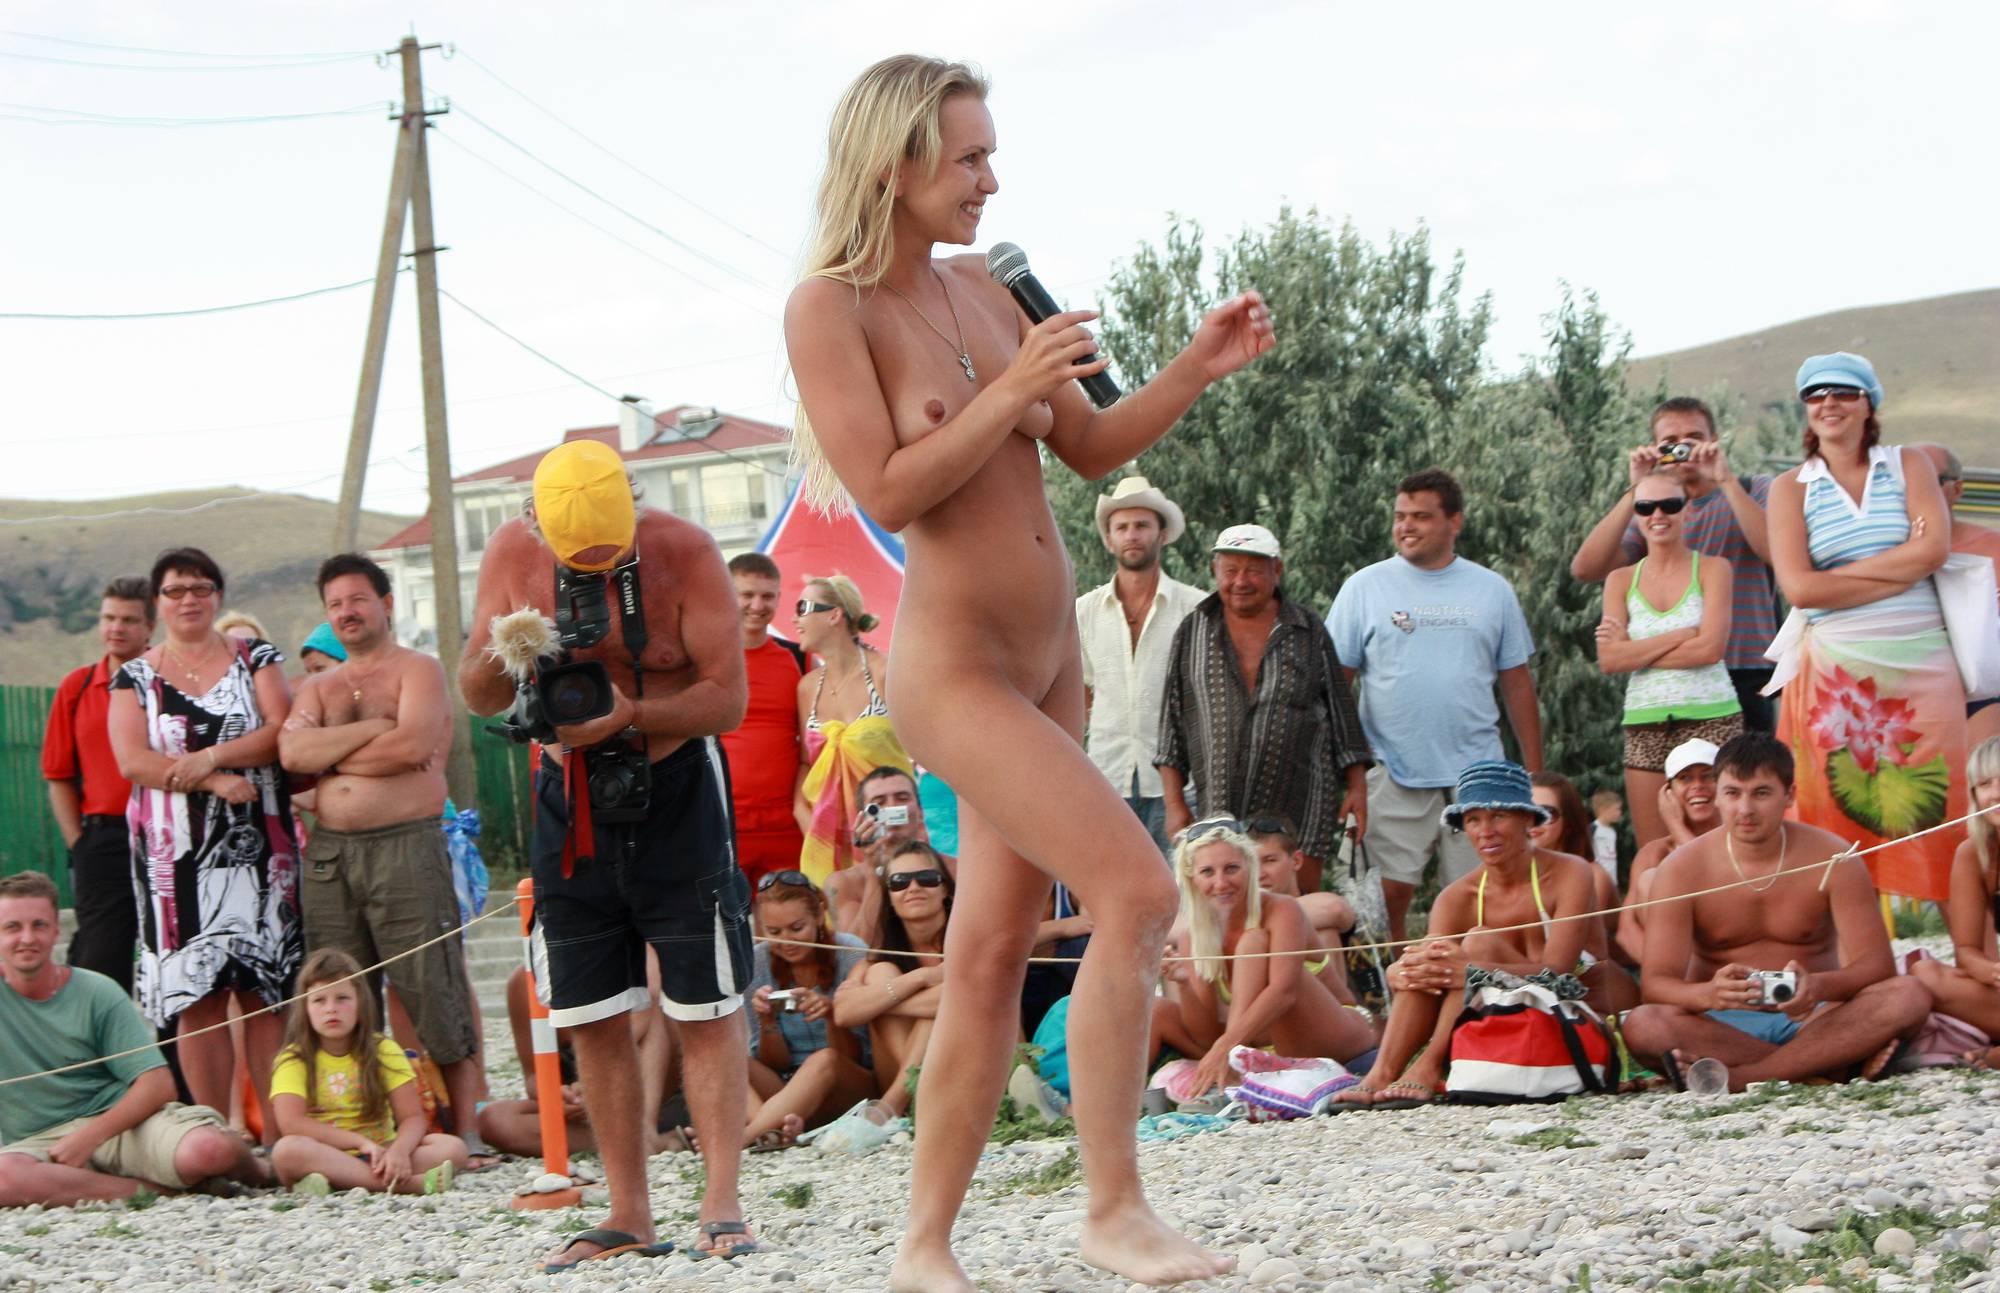 Neptune Blonde Girl Dance - 4